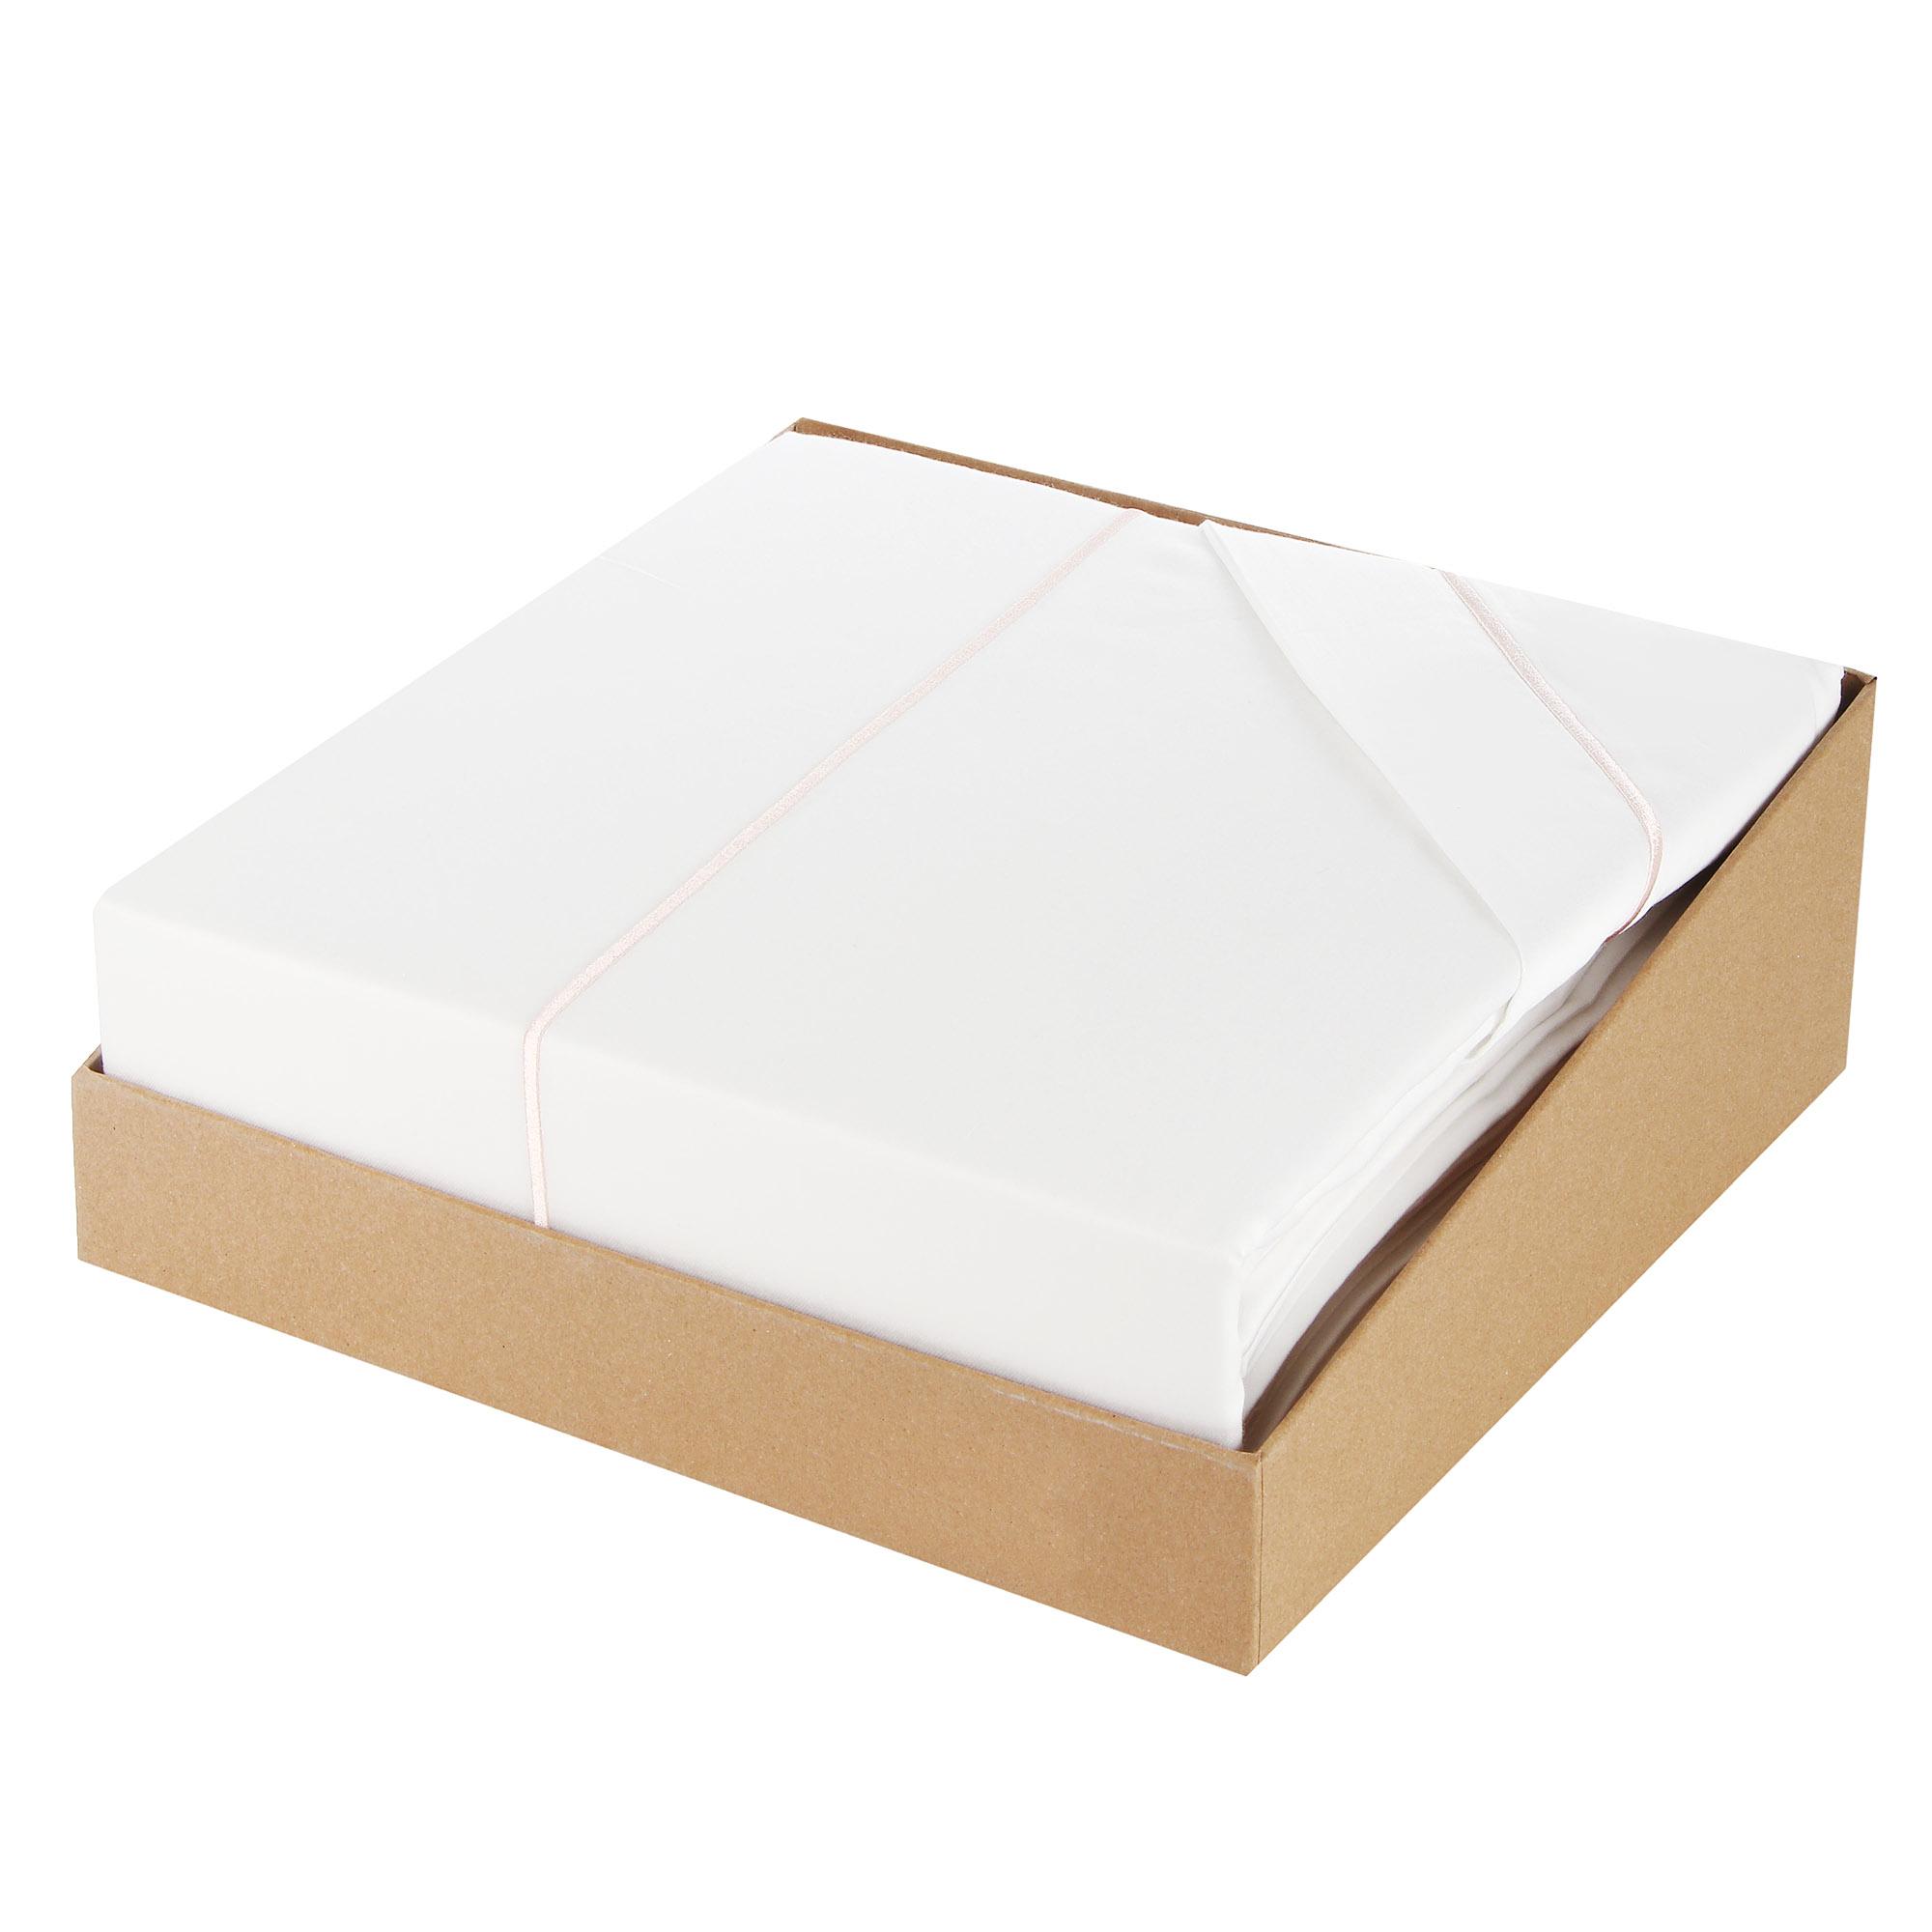 Постельный комплект семейный Bella casa white / cream stripes